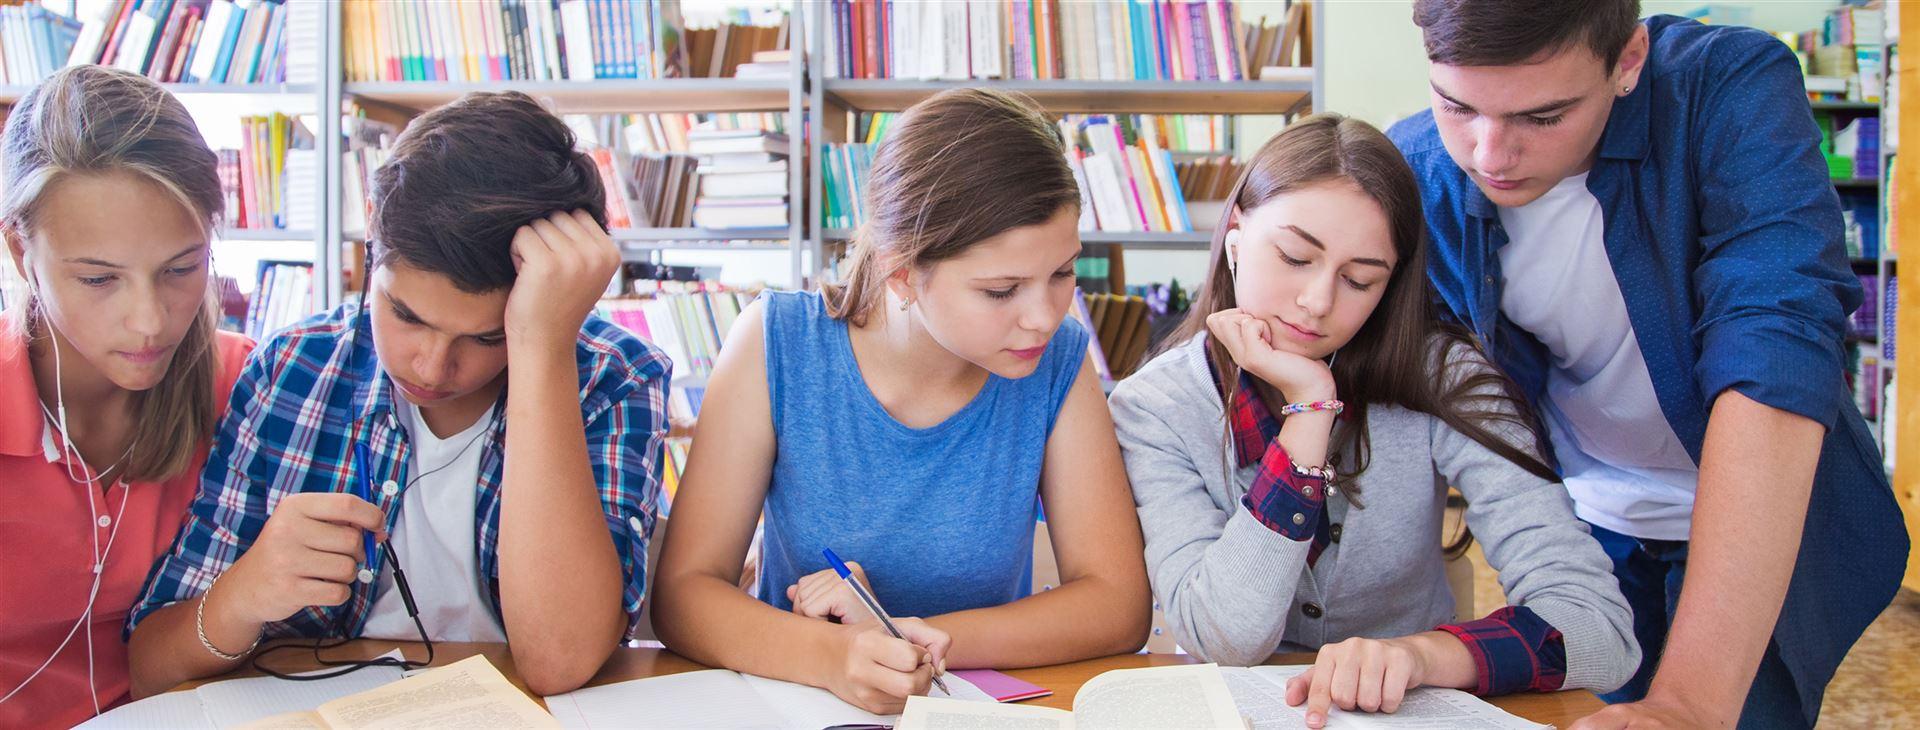 Подростки лучше учатся на положительном опыте, чем на отрицательном